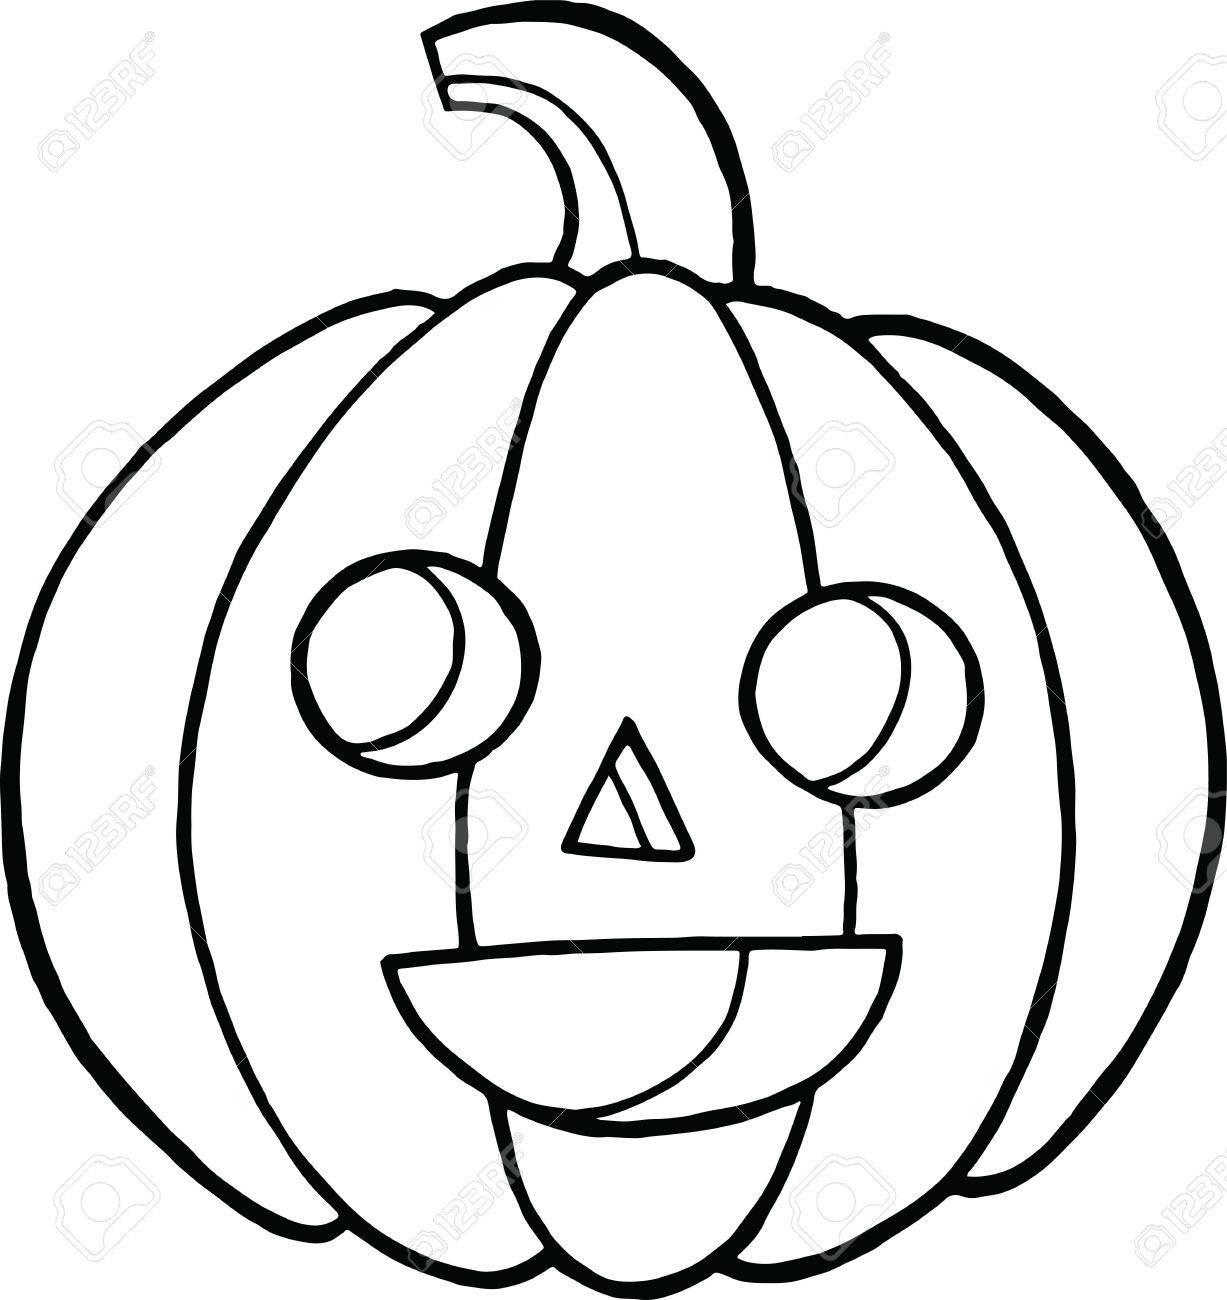 Außergewöhnlich Malvorlagen Und Doodle Skizze Mit Kürbis Für Halloween. Herbst @XJ_78